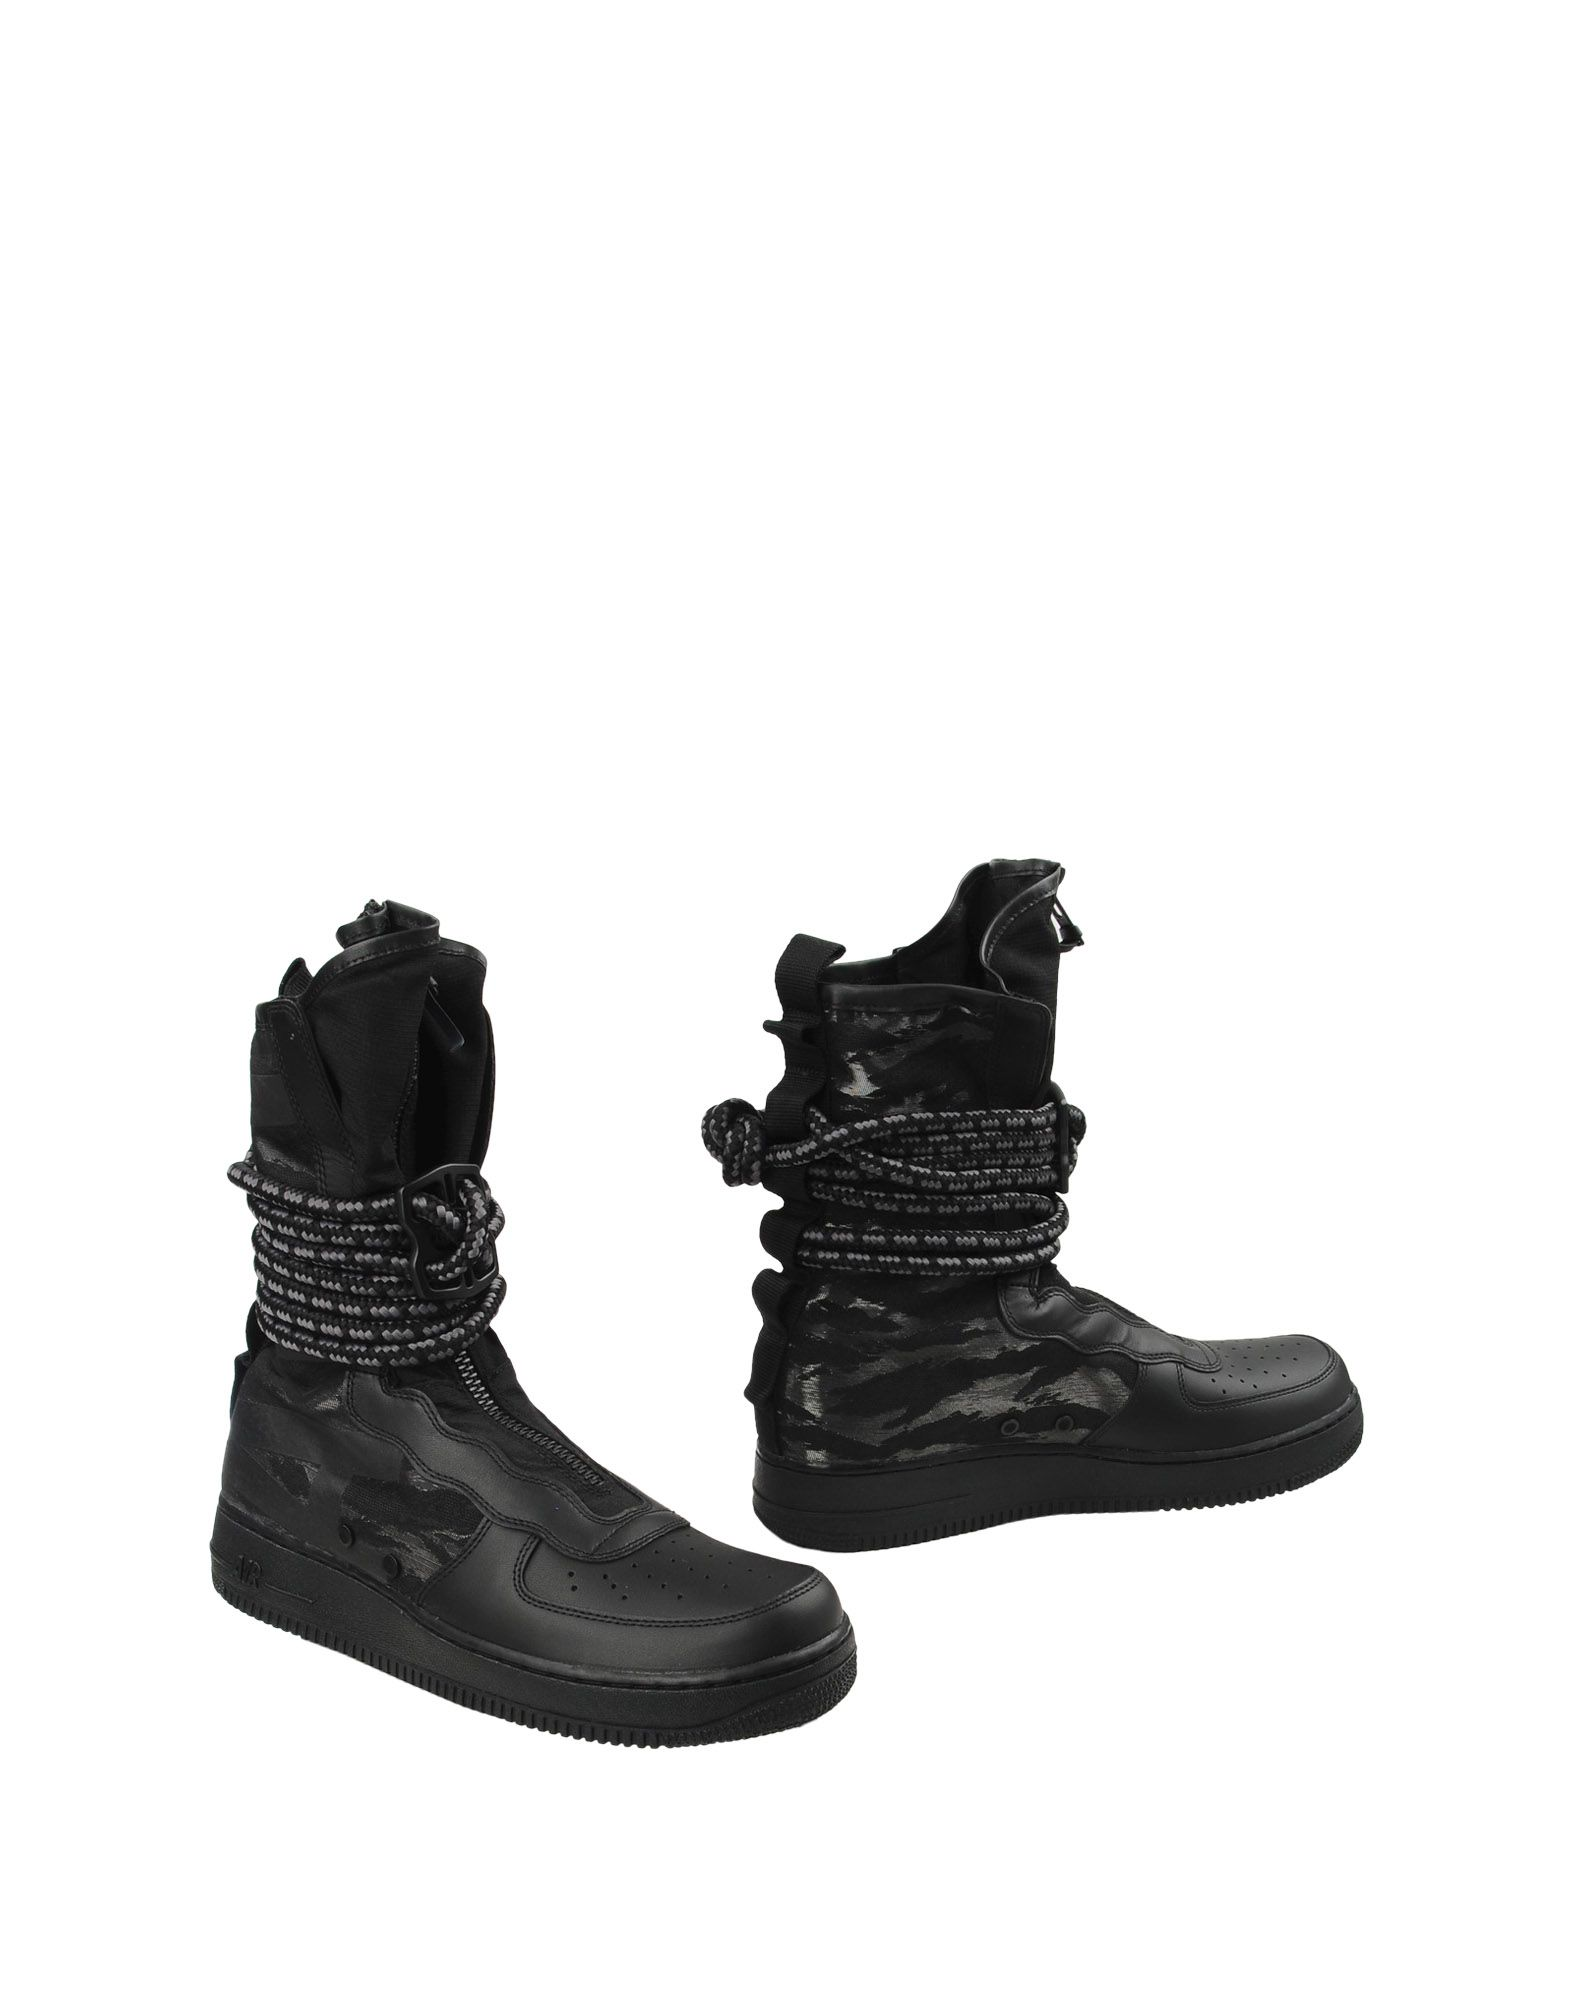 Nike Sf - Af1 Hi - Boots - Sf Men Nike Boots online on  United Kingdom - 11443214VL dbff53